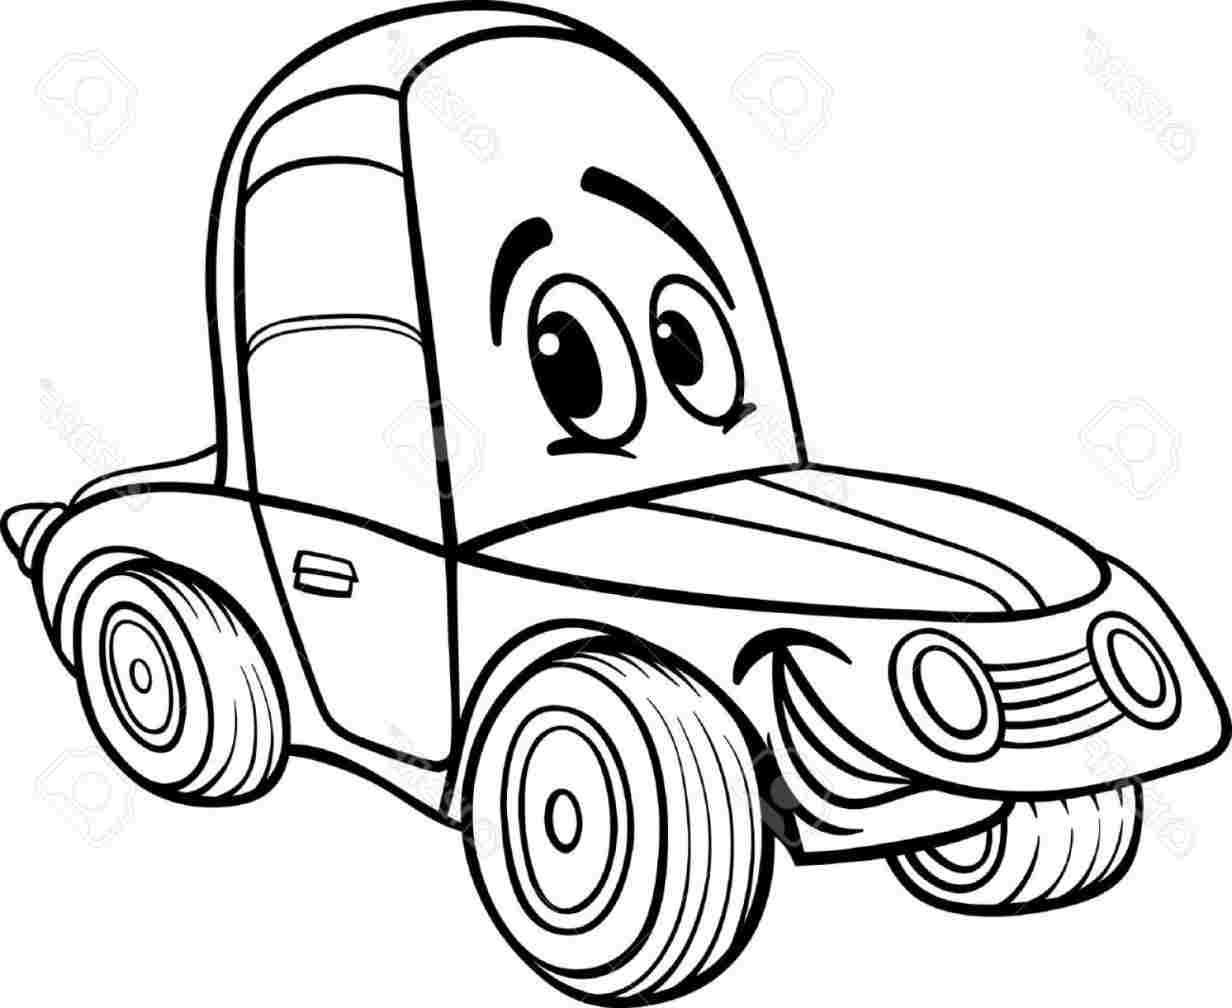 1232x1008 Race Car Cartoon Drawing